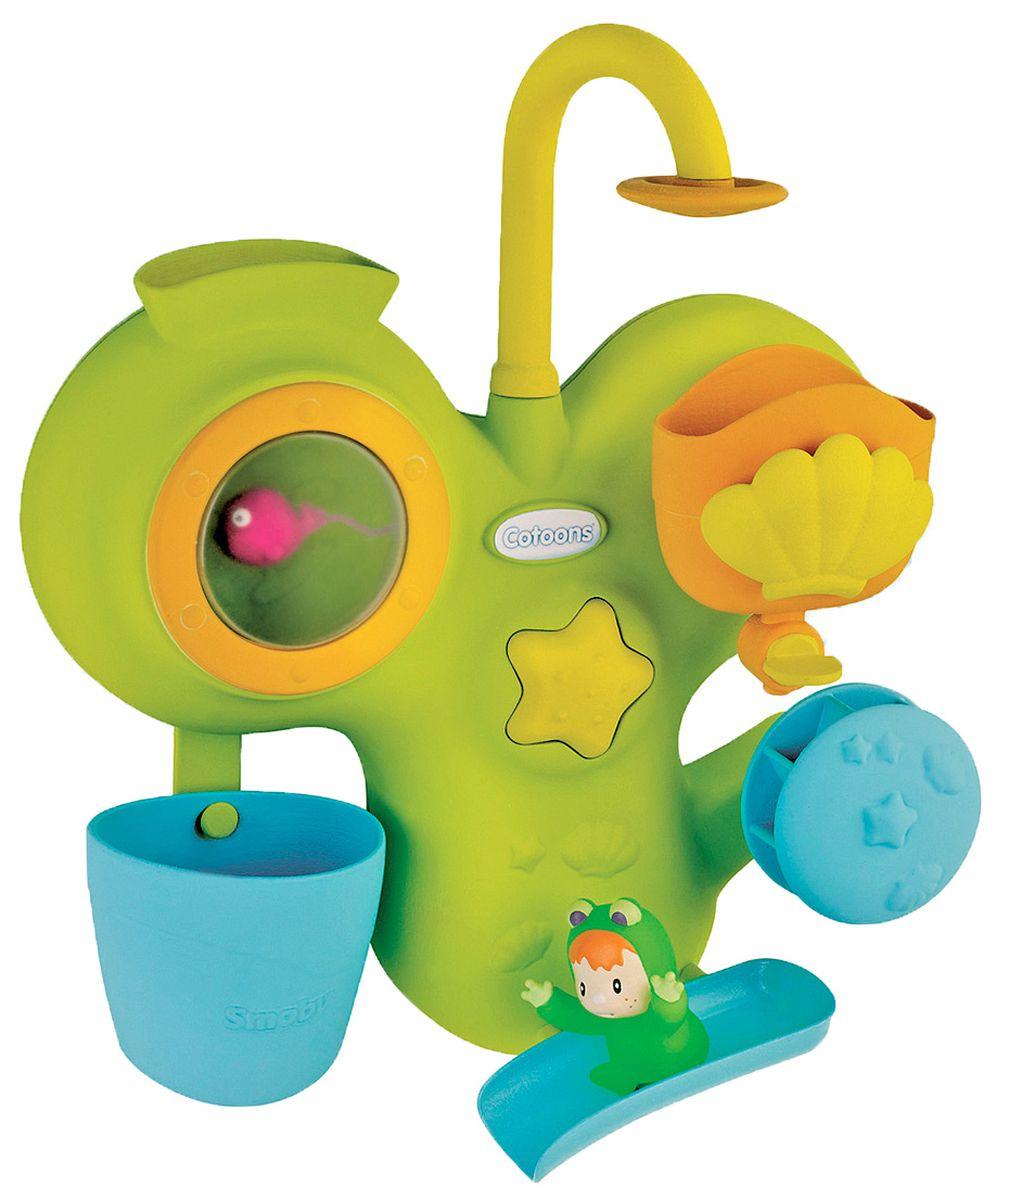 fb03d21d9548 Smoby Игрушка для ванной Cotoons — купить в интернет-магазине OZON с  быстрой доставкой